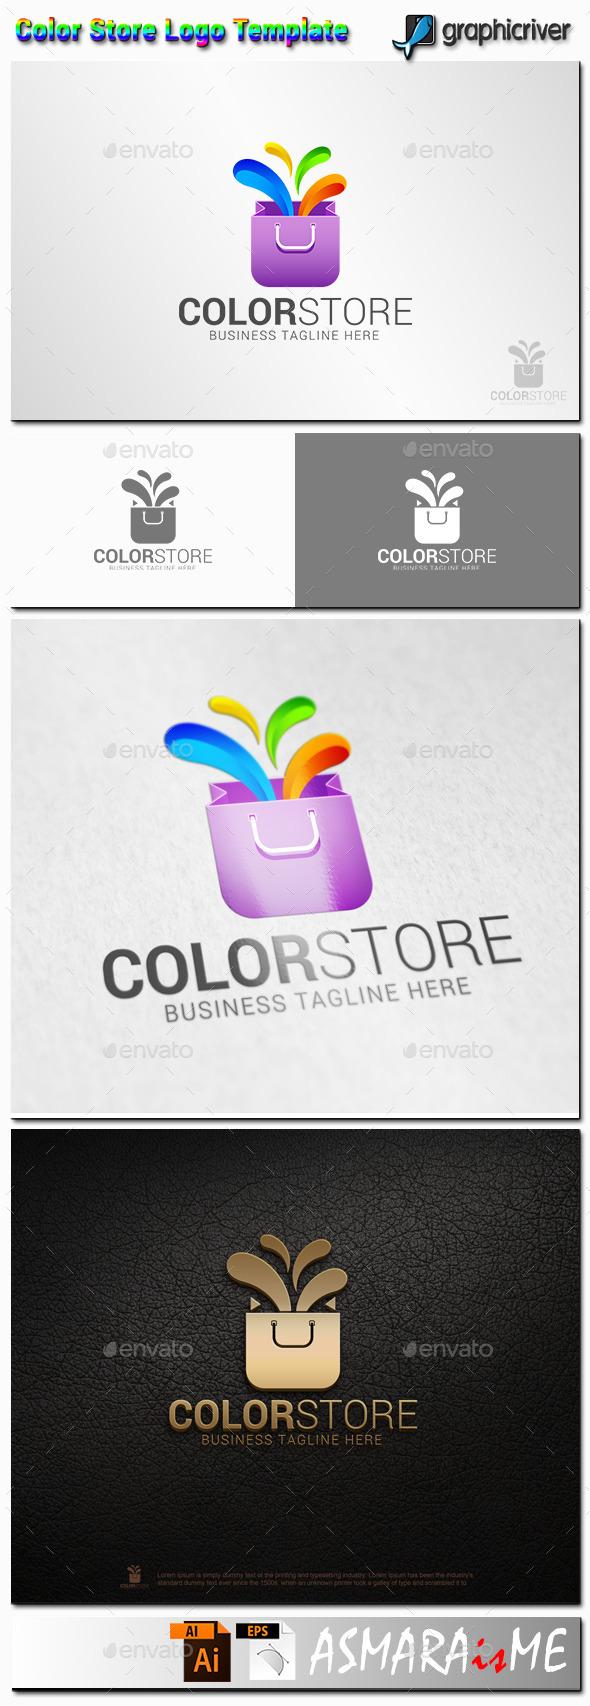 GraphicRiver Color Store Logo 11216159